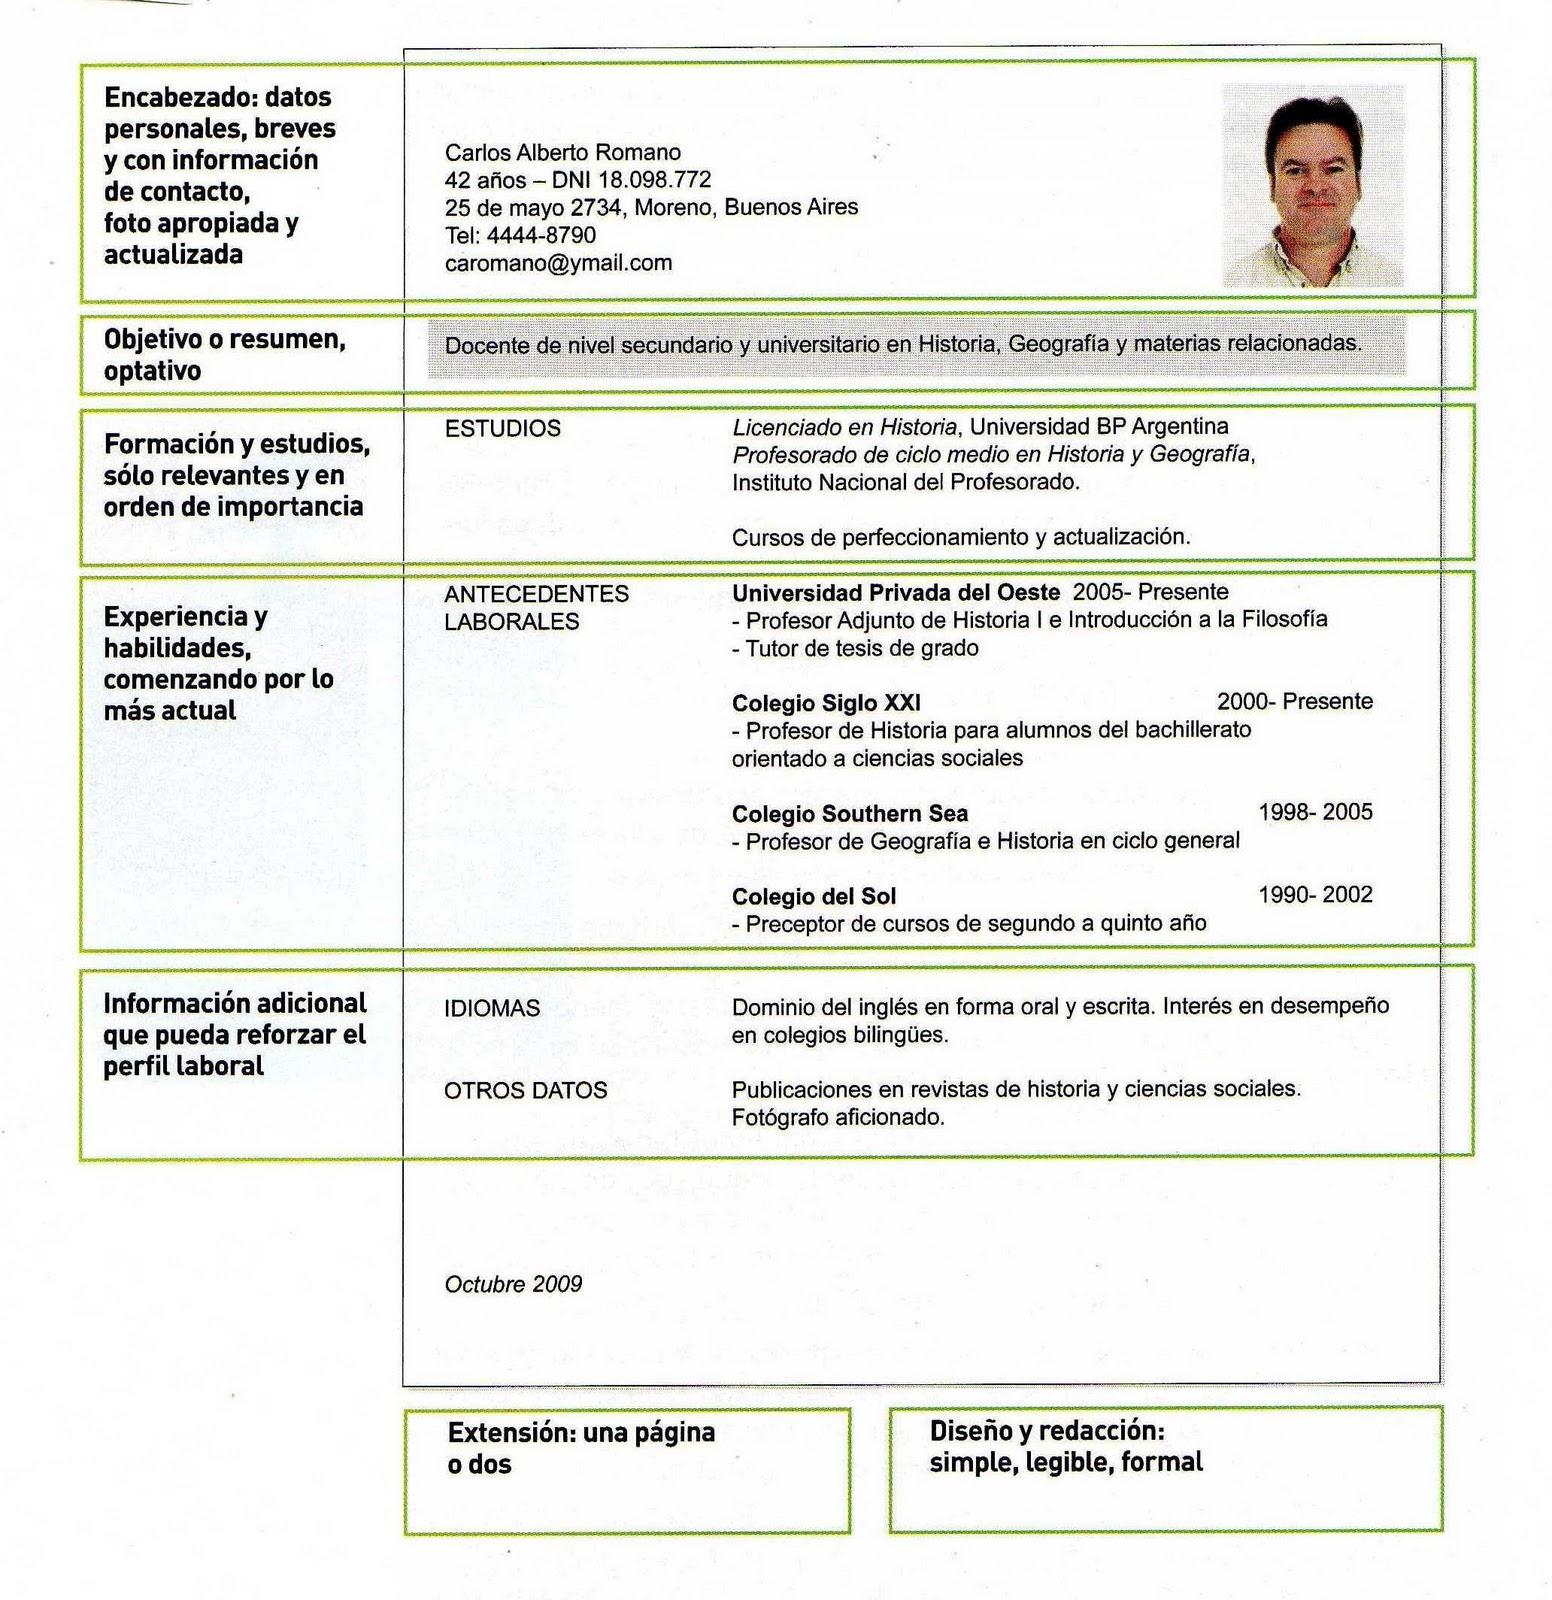 Blogfolio de Piedrabuena Marcela Jacqueline: Curriculum Vitae – CV (*)